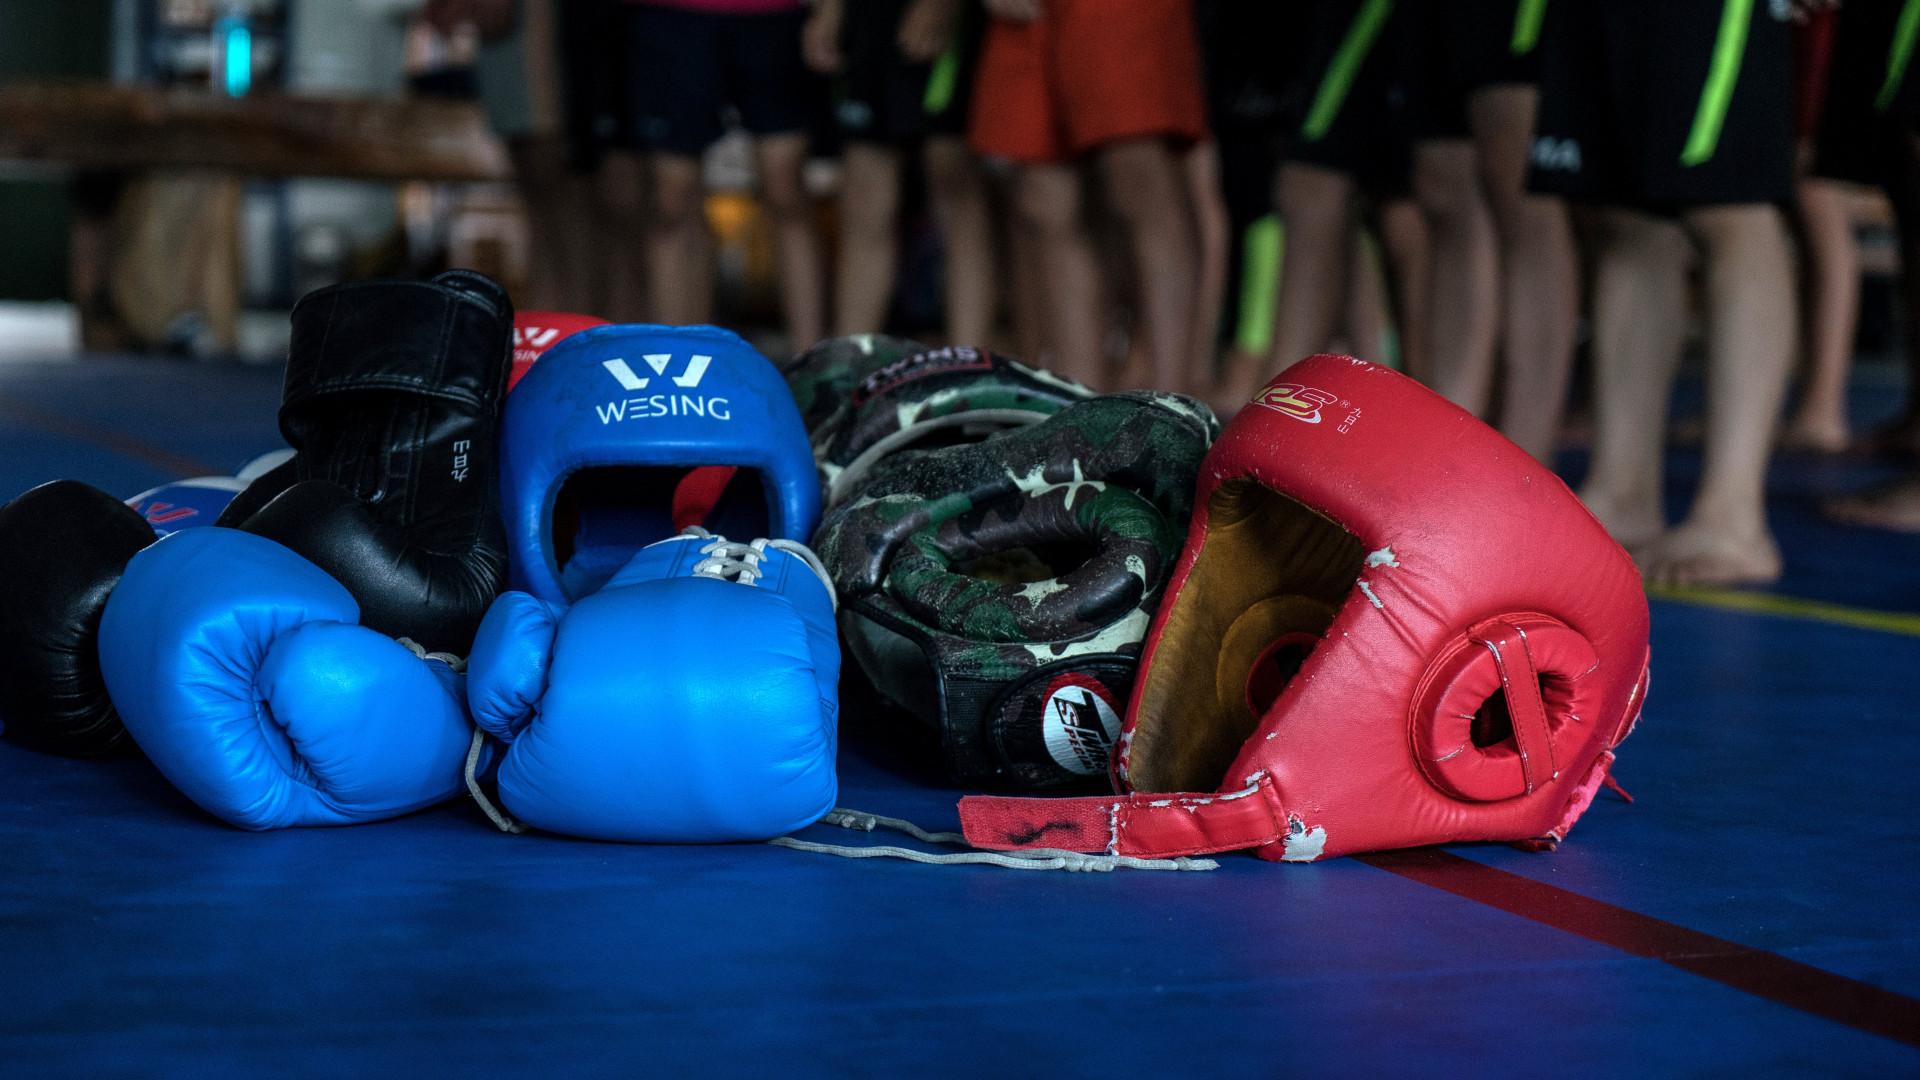 Tribunal irlandês determina hoje causa da morte de lutador português